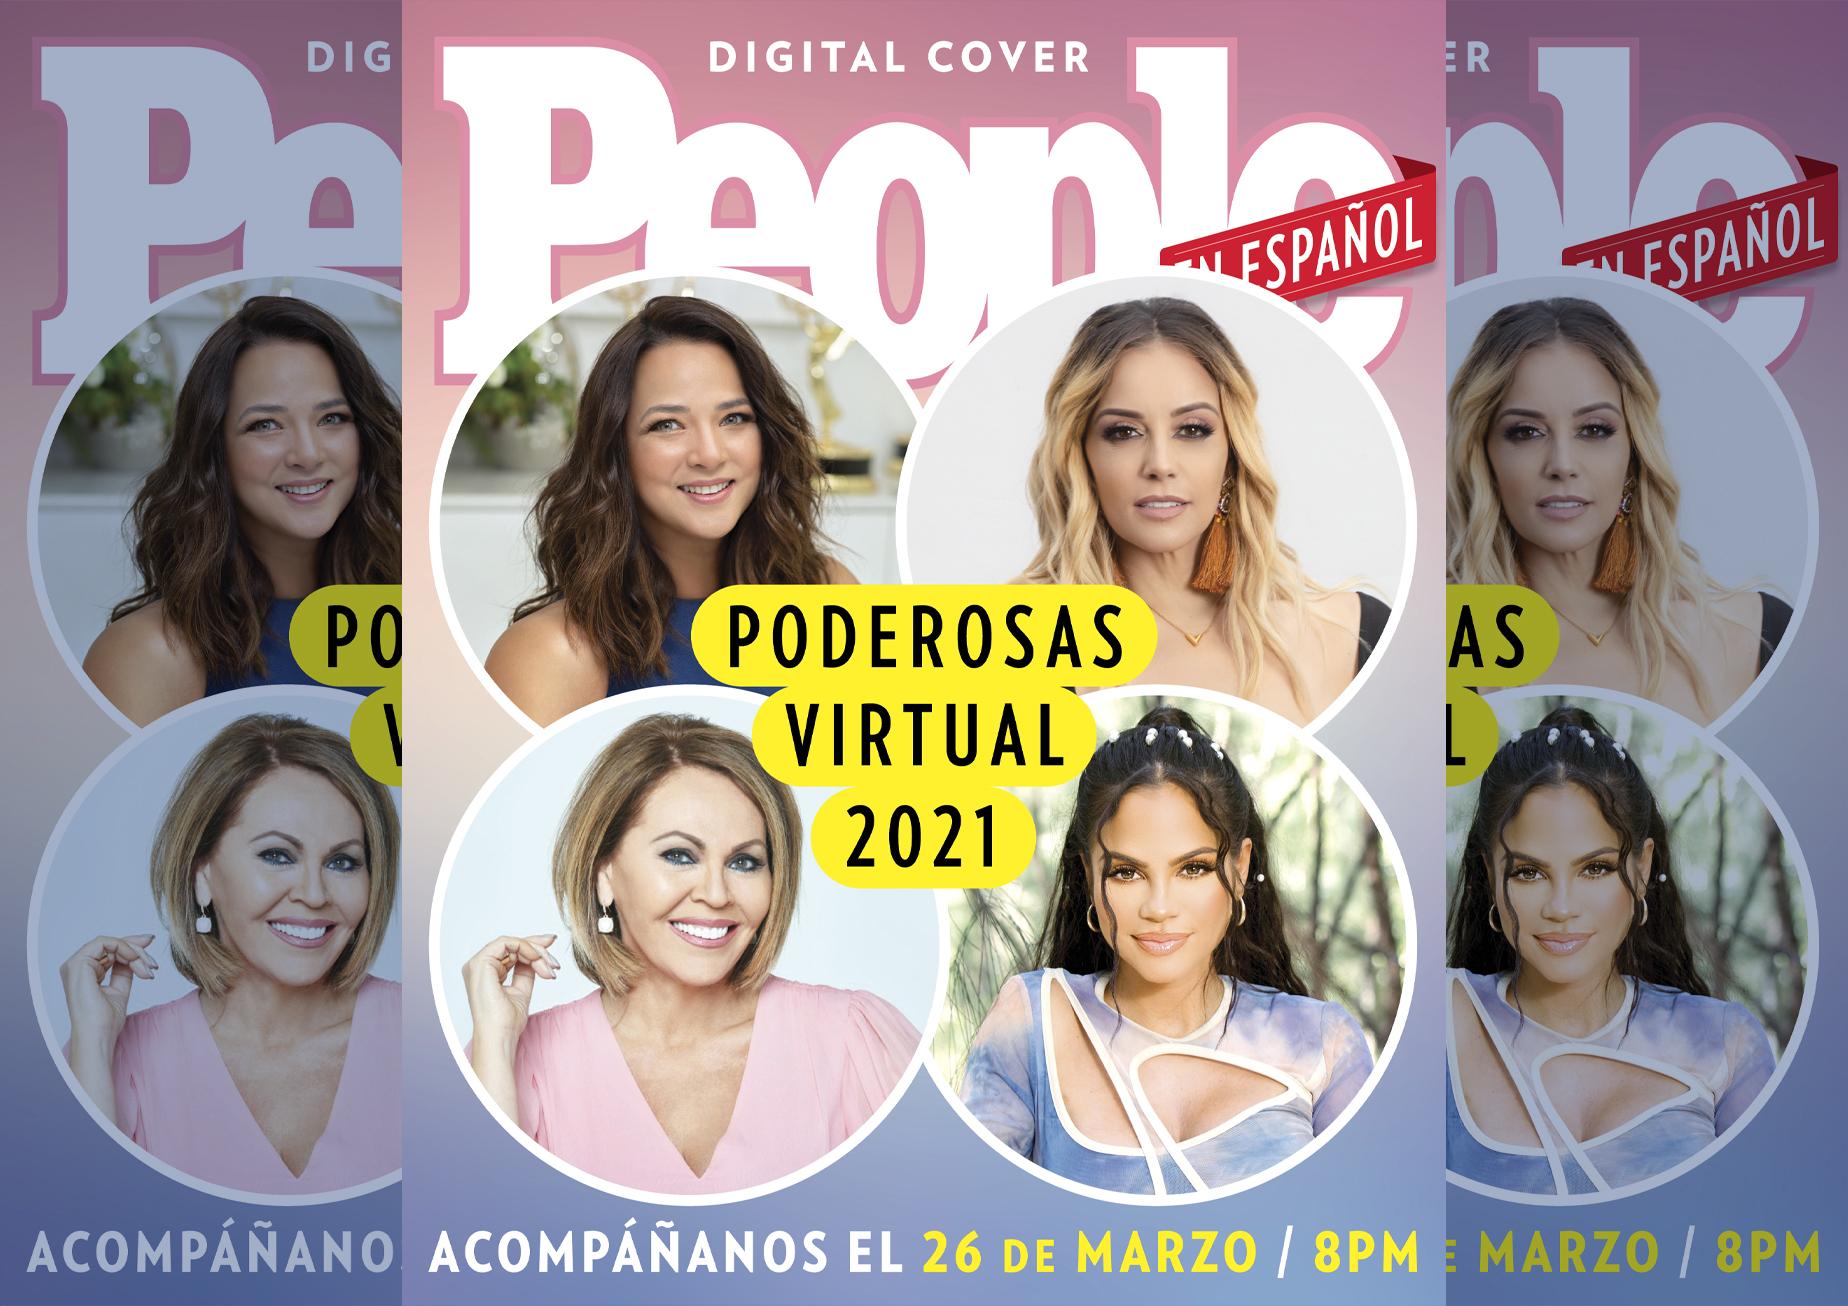 Poderosas Digital Cover